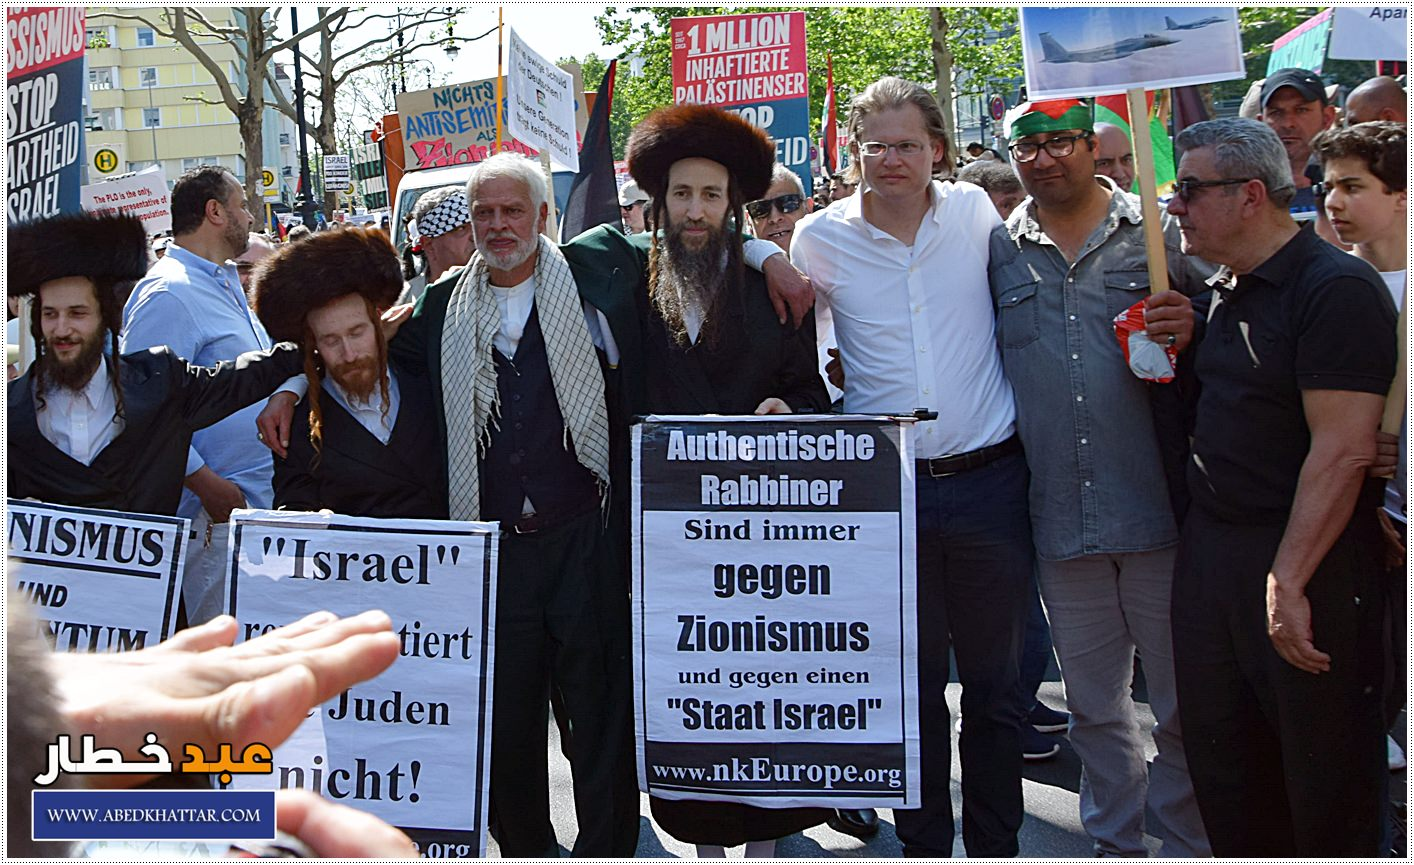 إحياء يوم القدس العالمي في العاصمة الألمانية برلين وسط اجراءات أمنية كثيفة